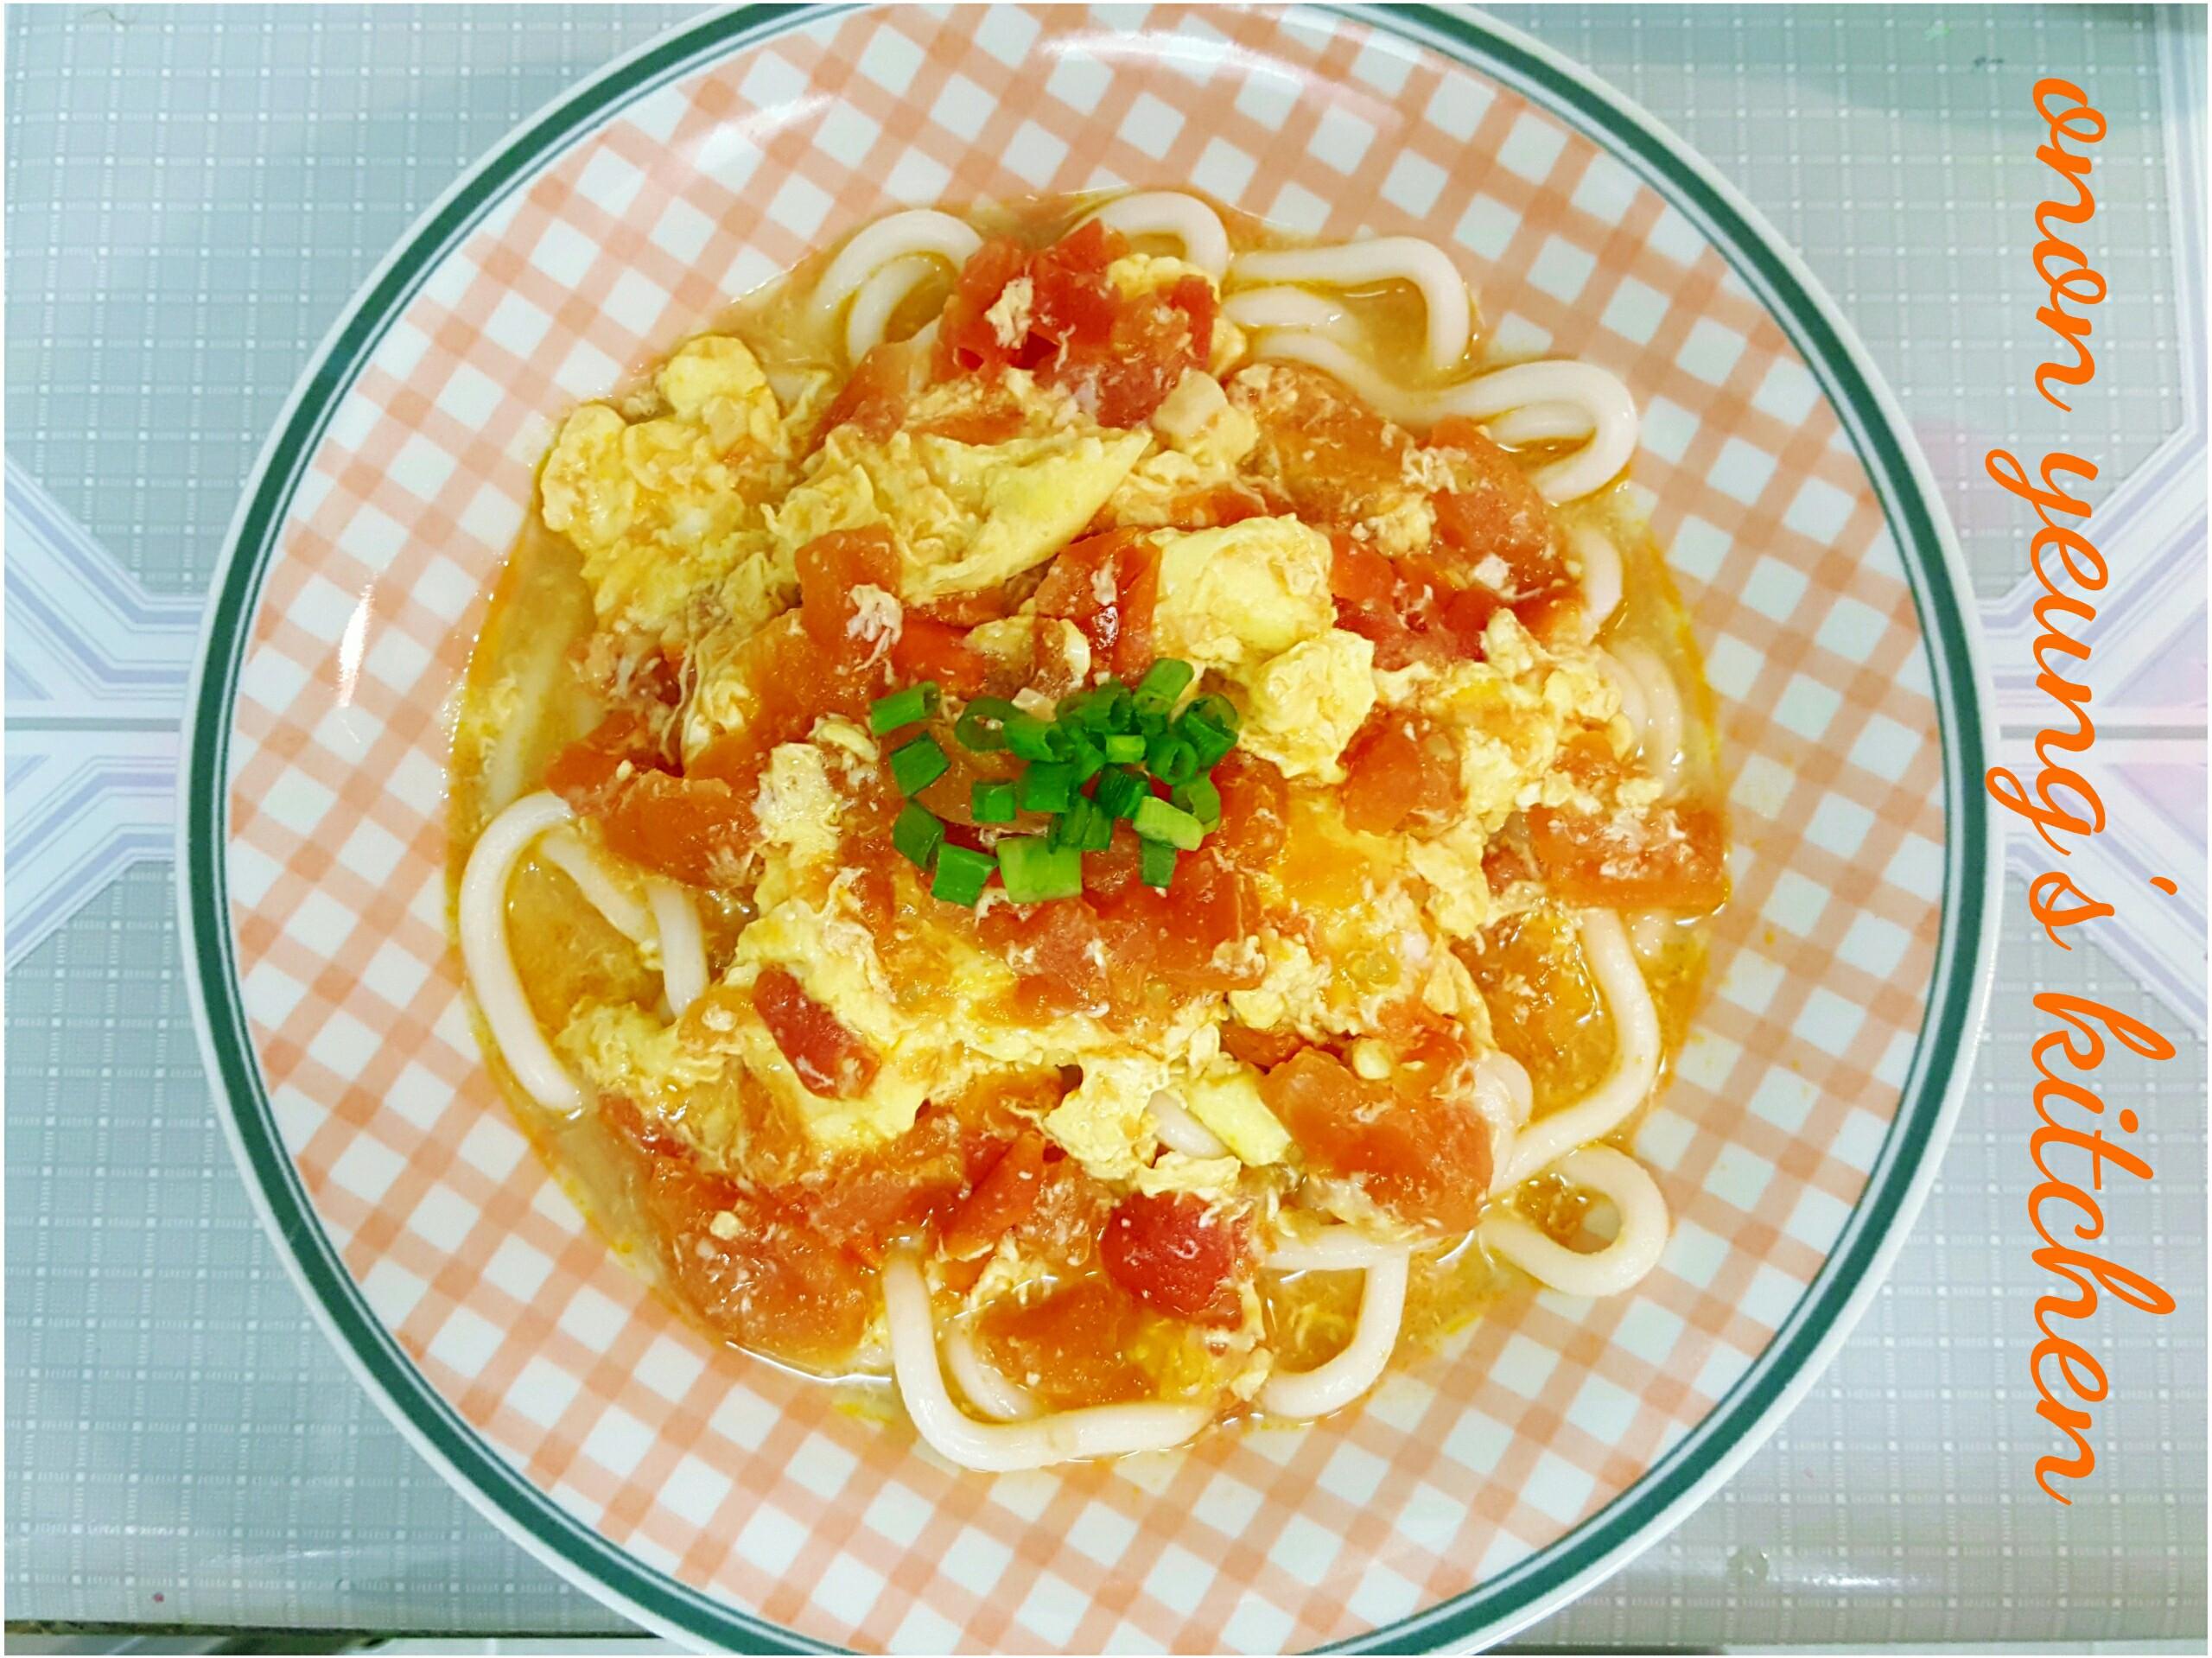 蕃茄滑蛋烏龍湯麵 新手午餐。簡易家常麵餐